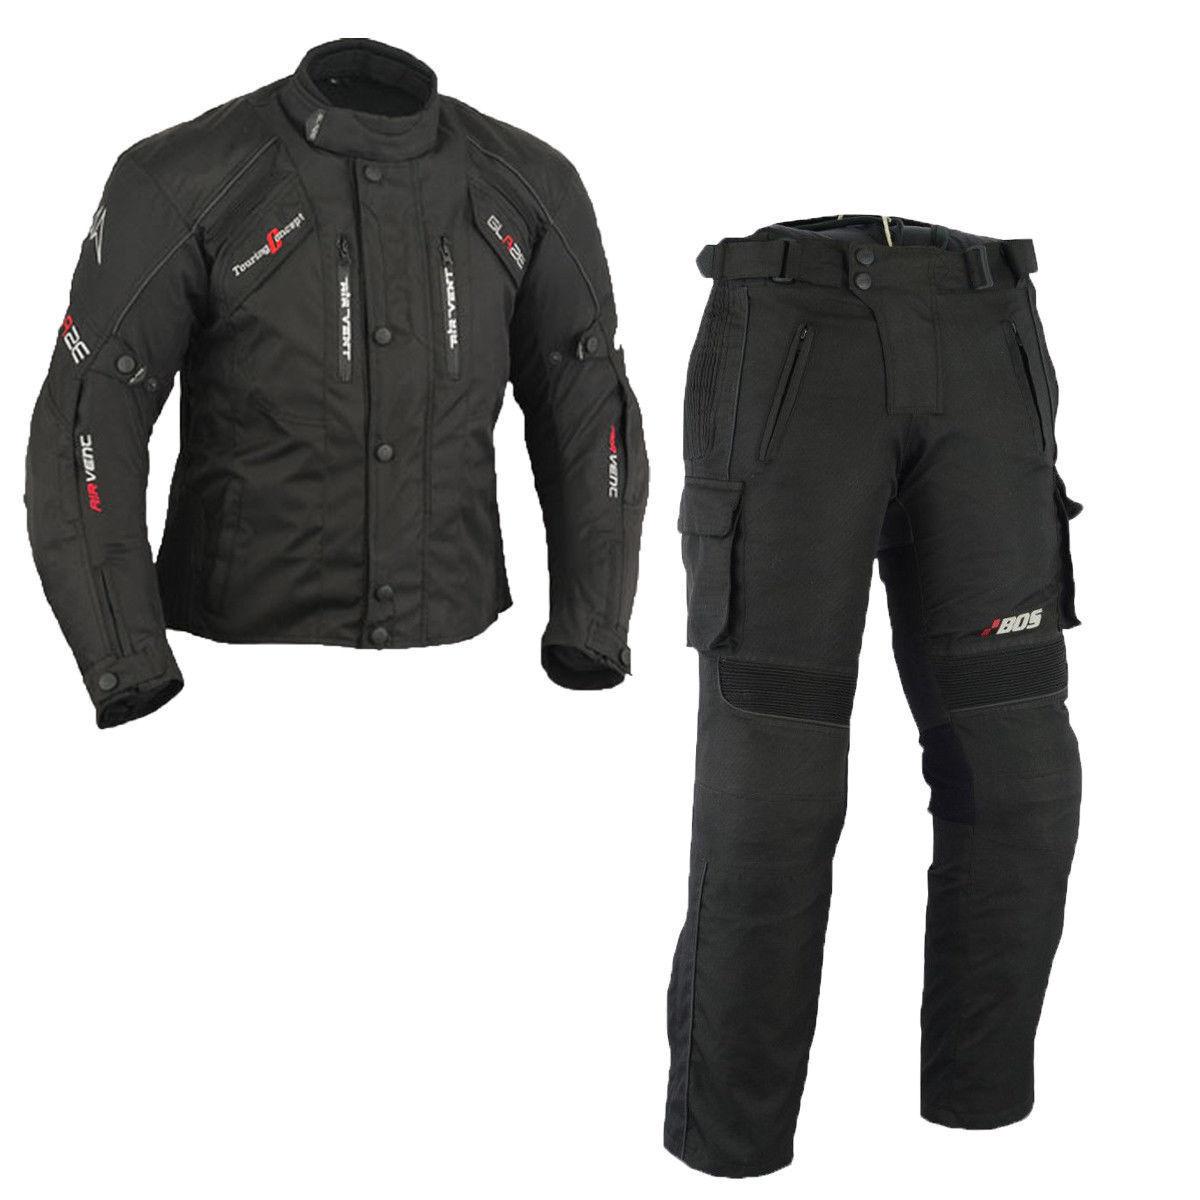 Motorrad sommerjacke textil test